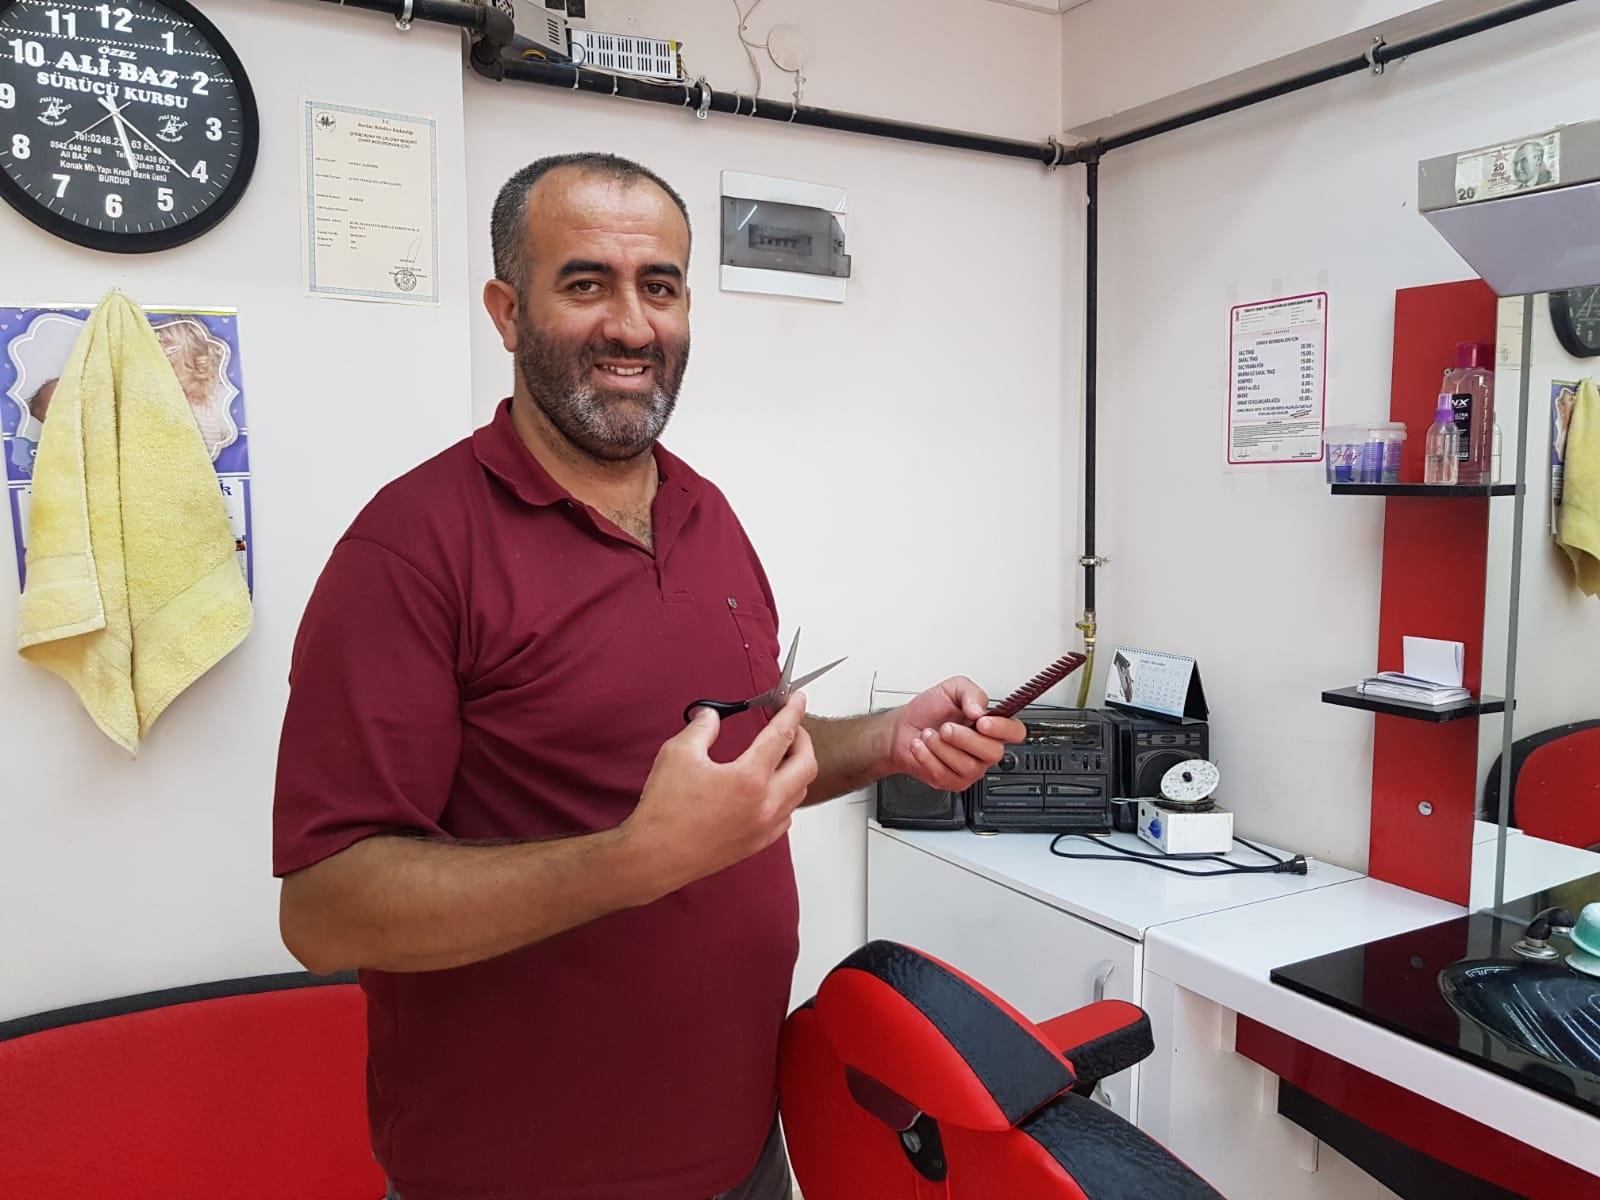 Başarılı operasyon sonrası Berber Ahmet Aldemir daha iyi yürüyor